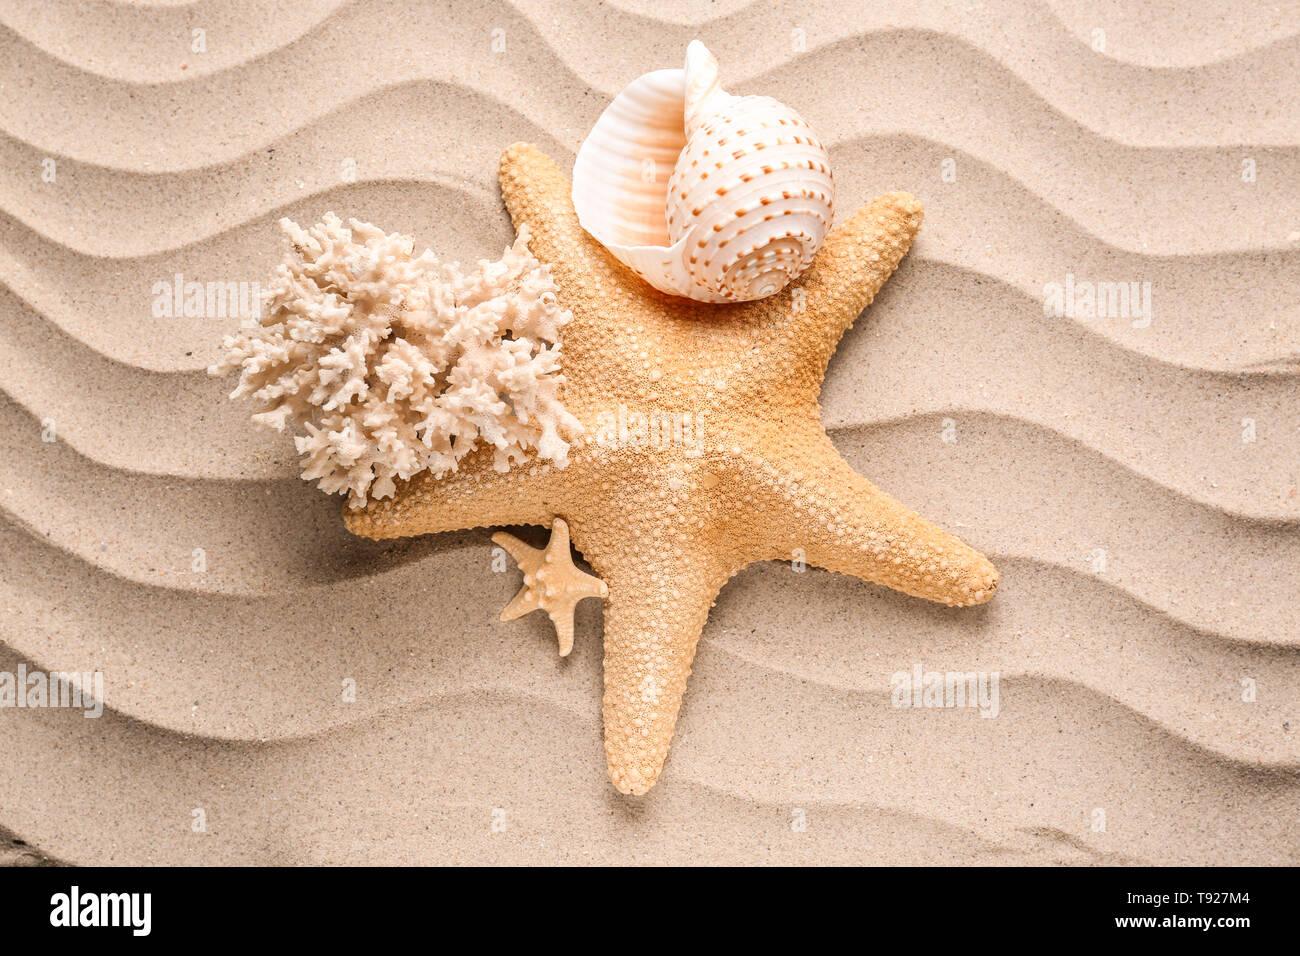 Starfish with sea shells on sand - Stock Image